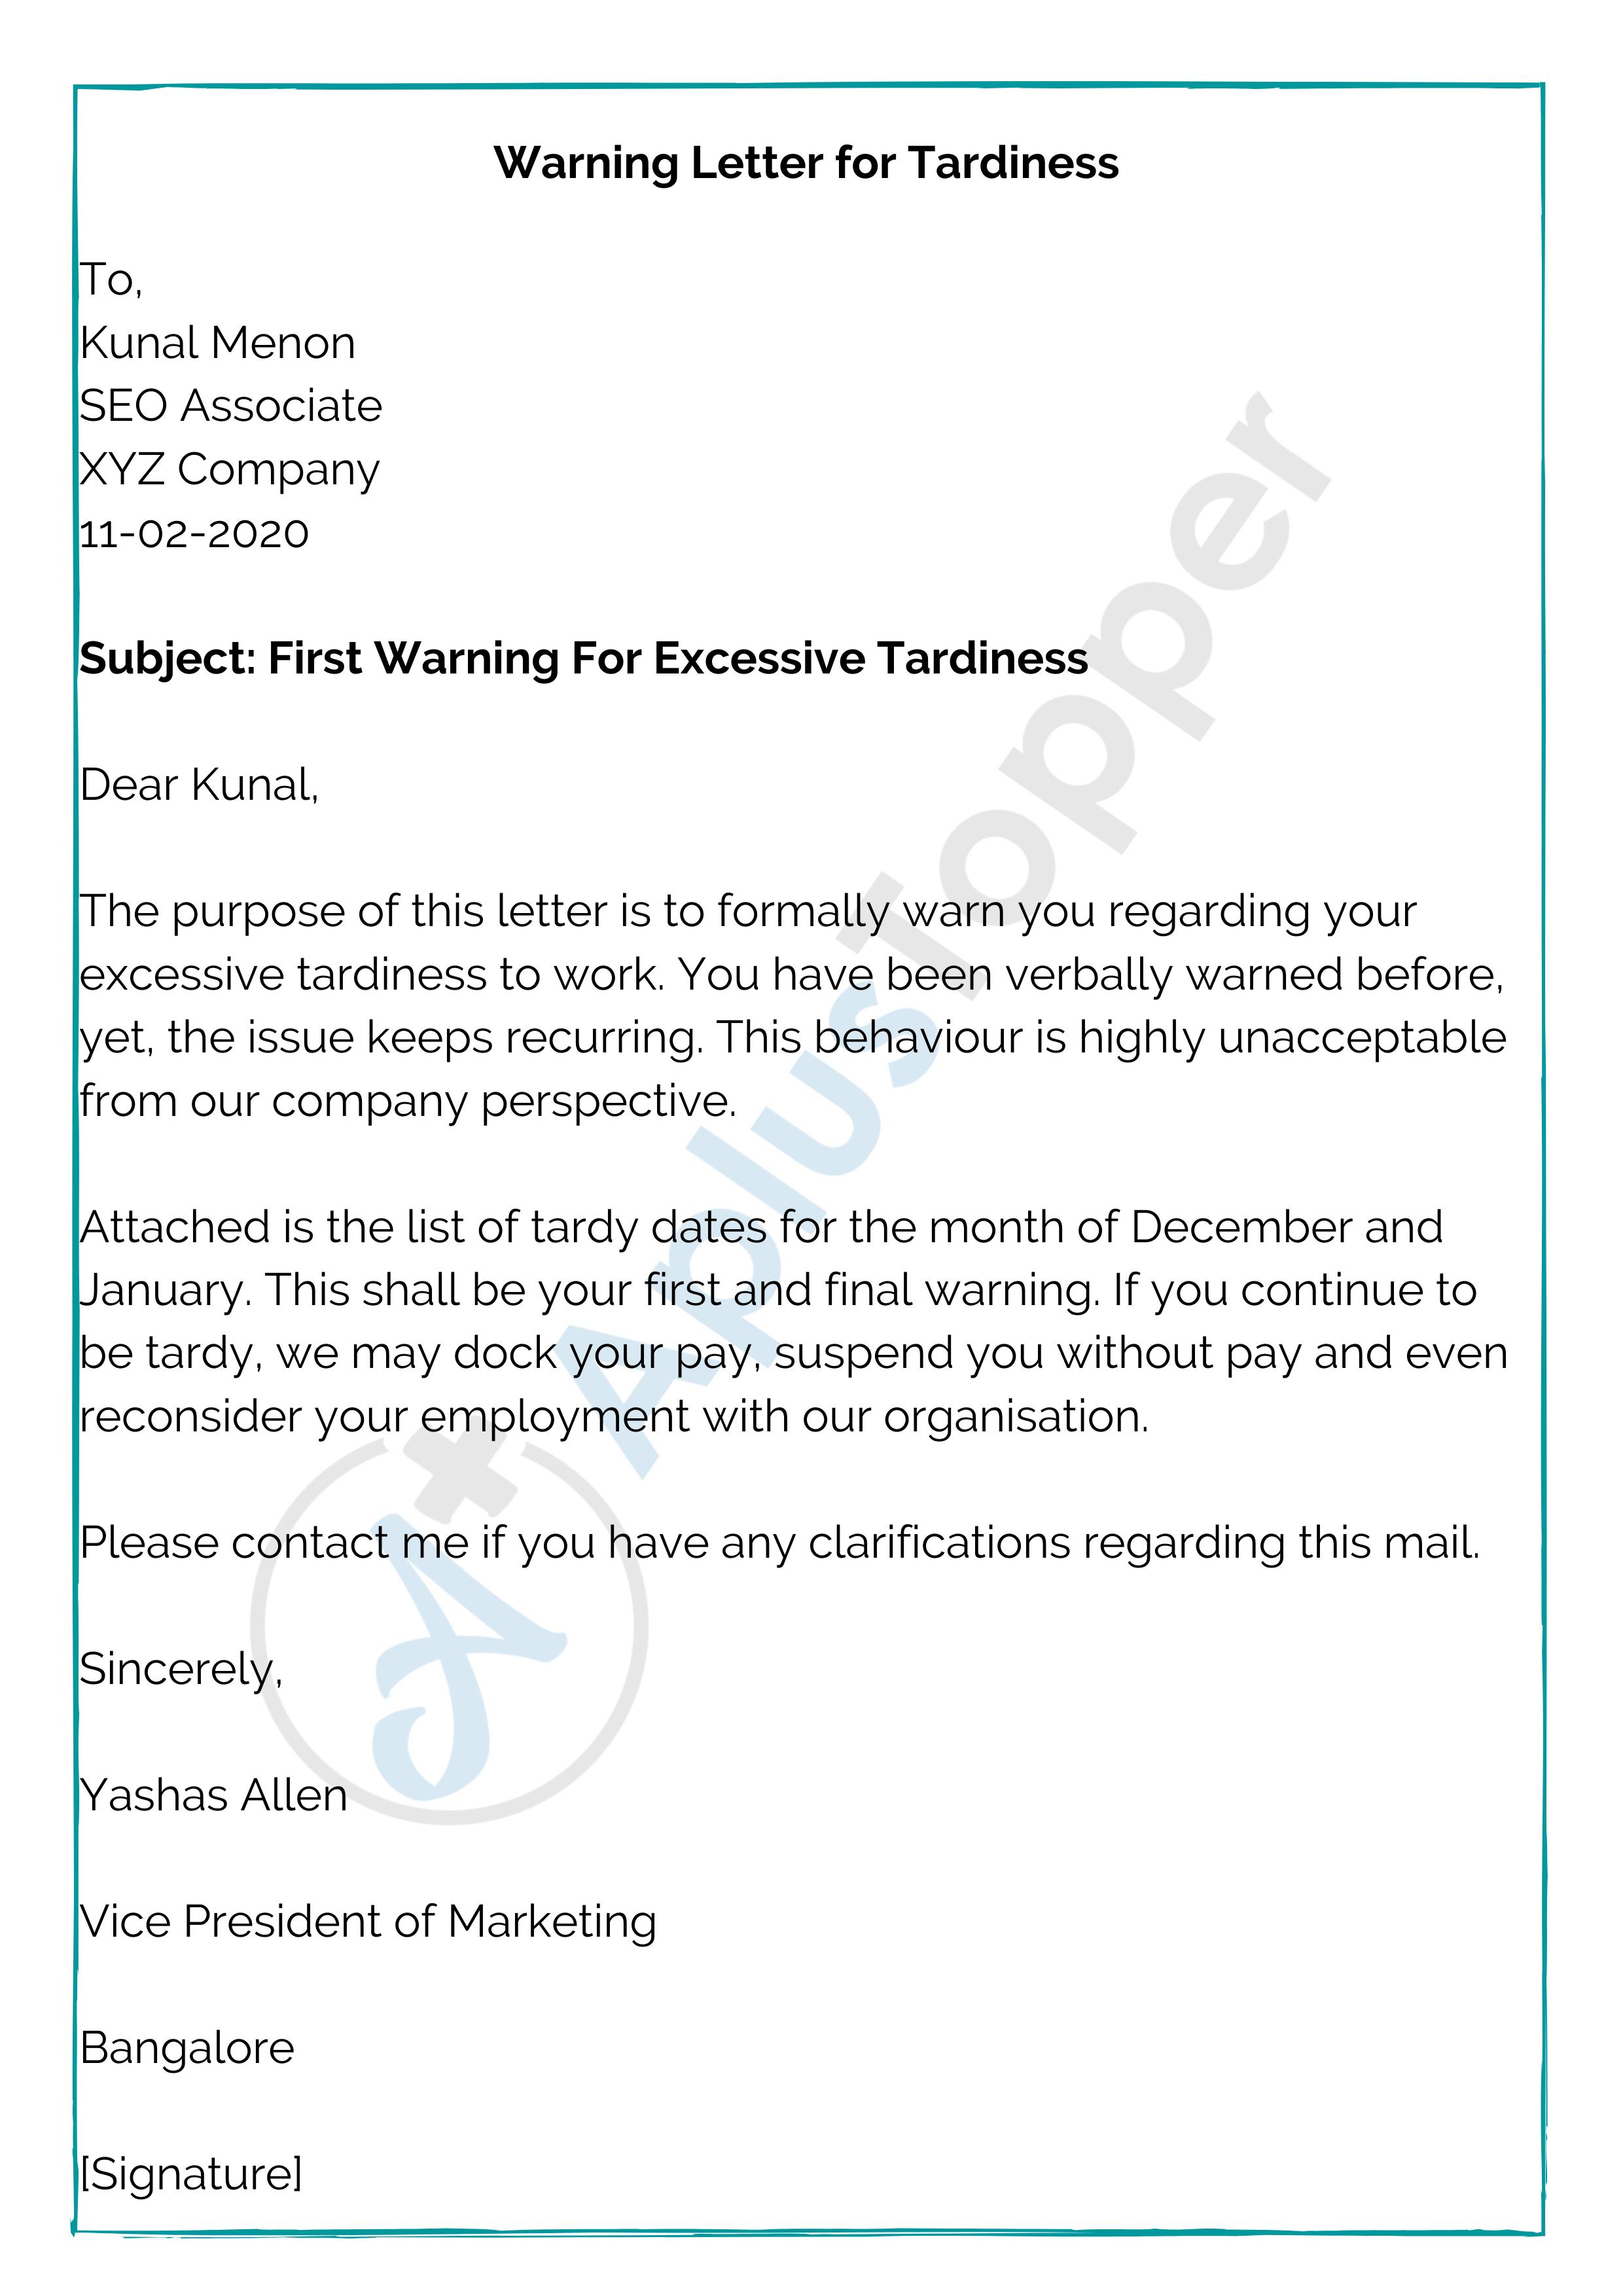 Warning Letter for Tardiness